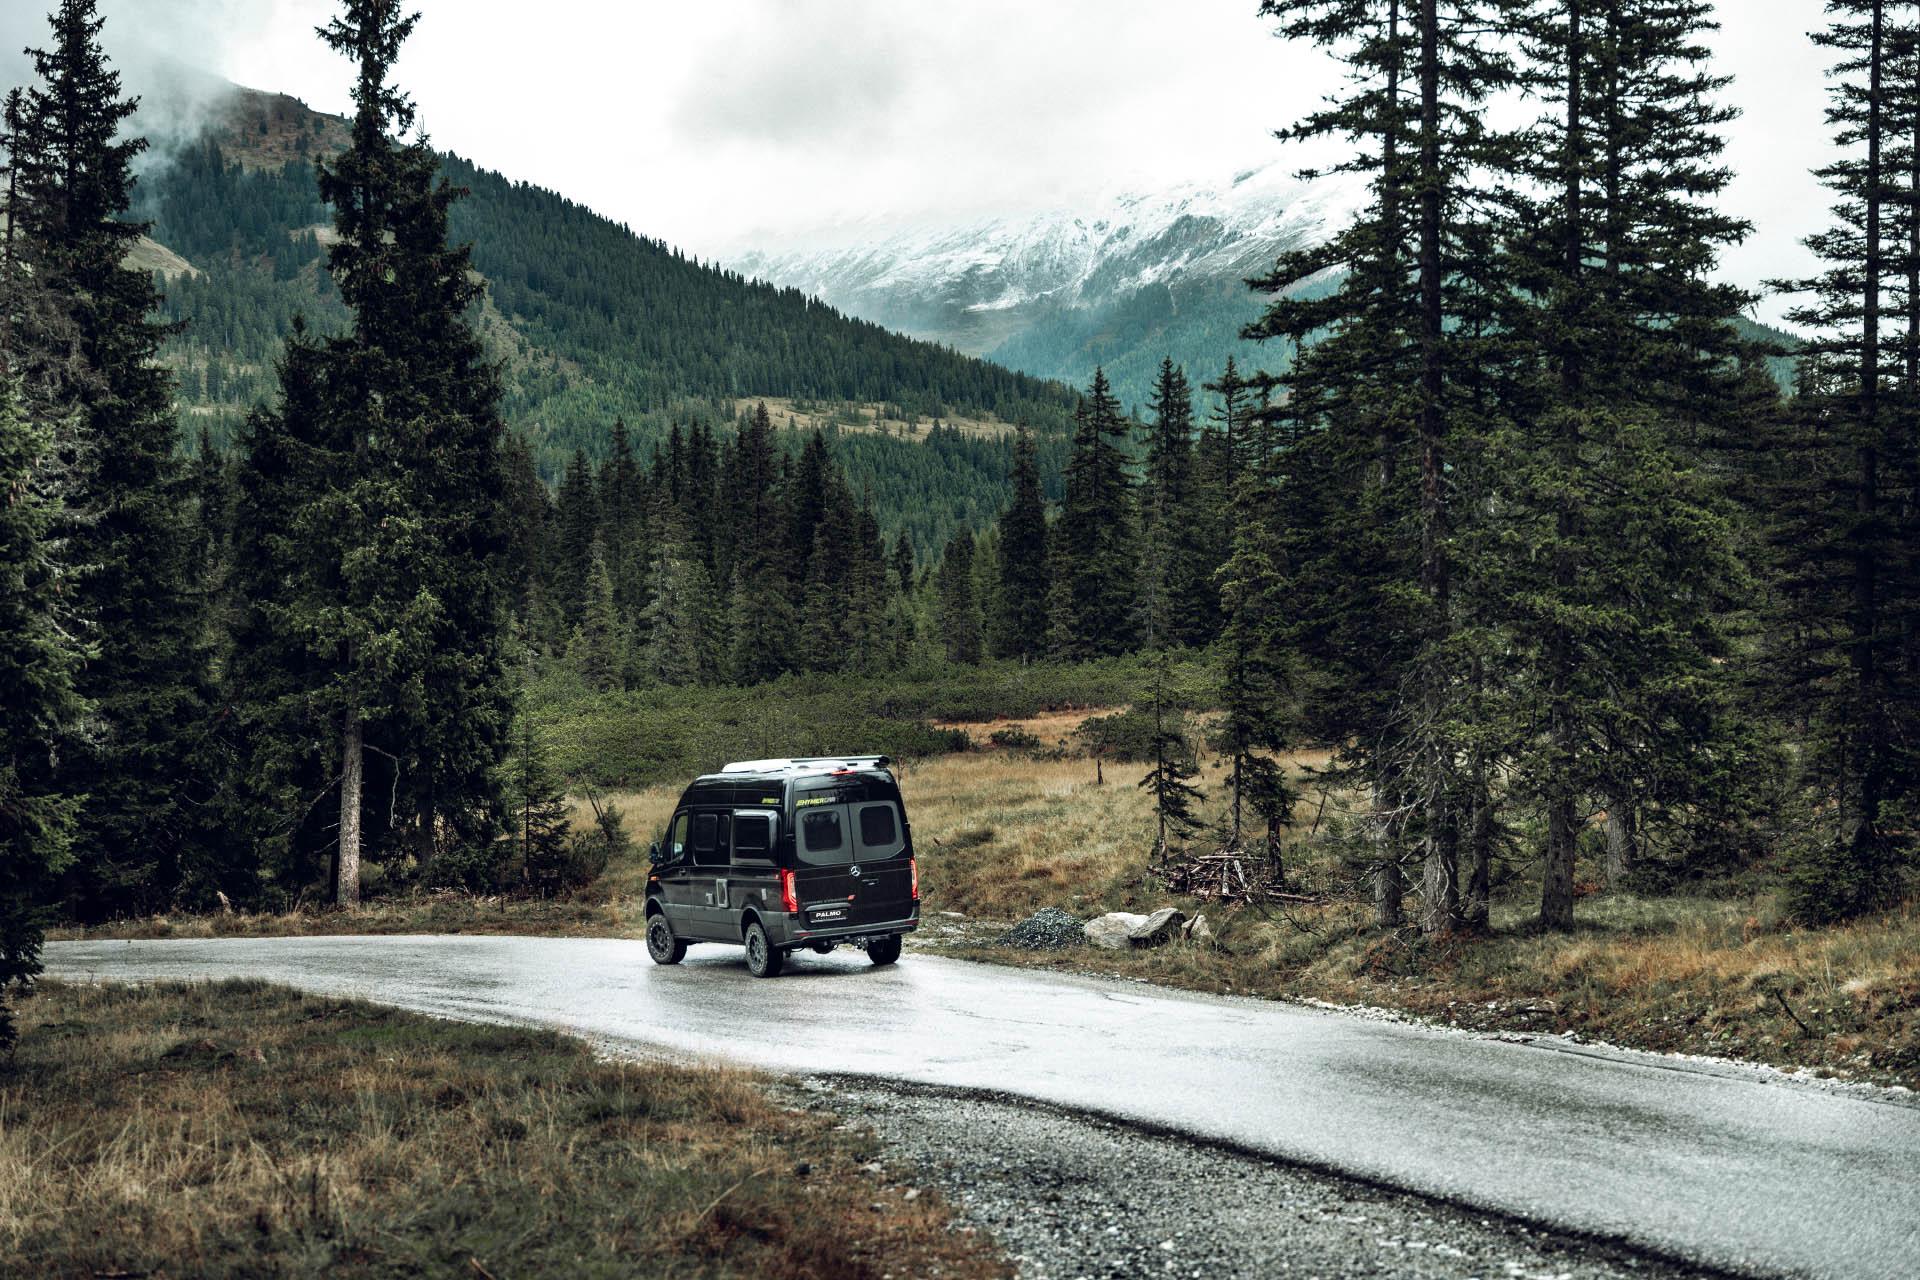 RSX-Edition von Palmo beim Fotoshooting in den Alpen